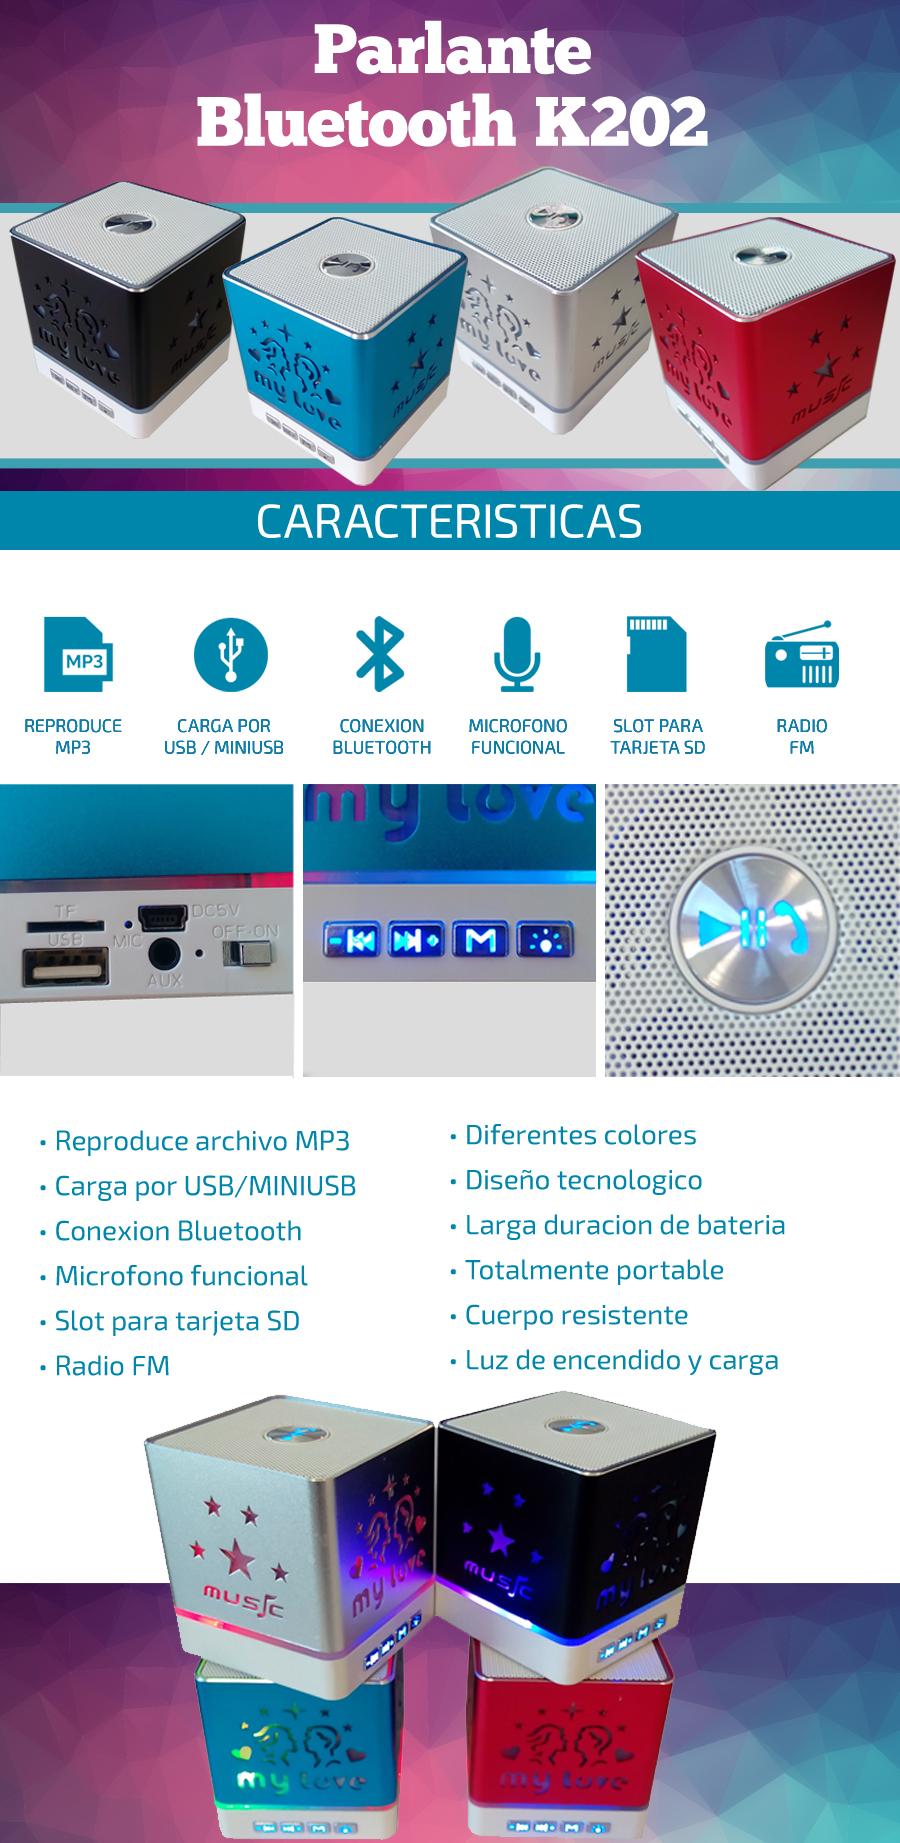 Parlante Bluetooth KH-202 |Radio FM /Slot SD|